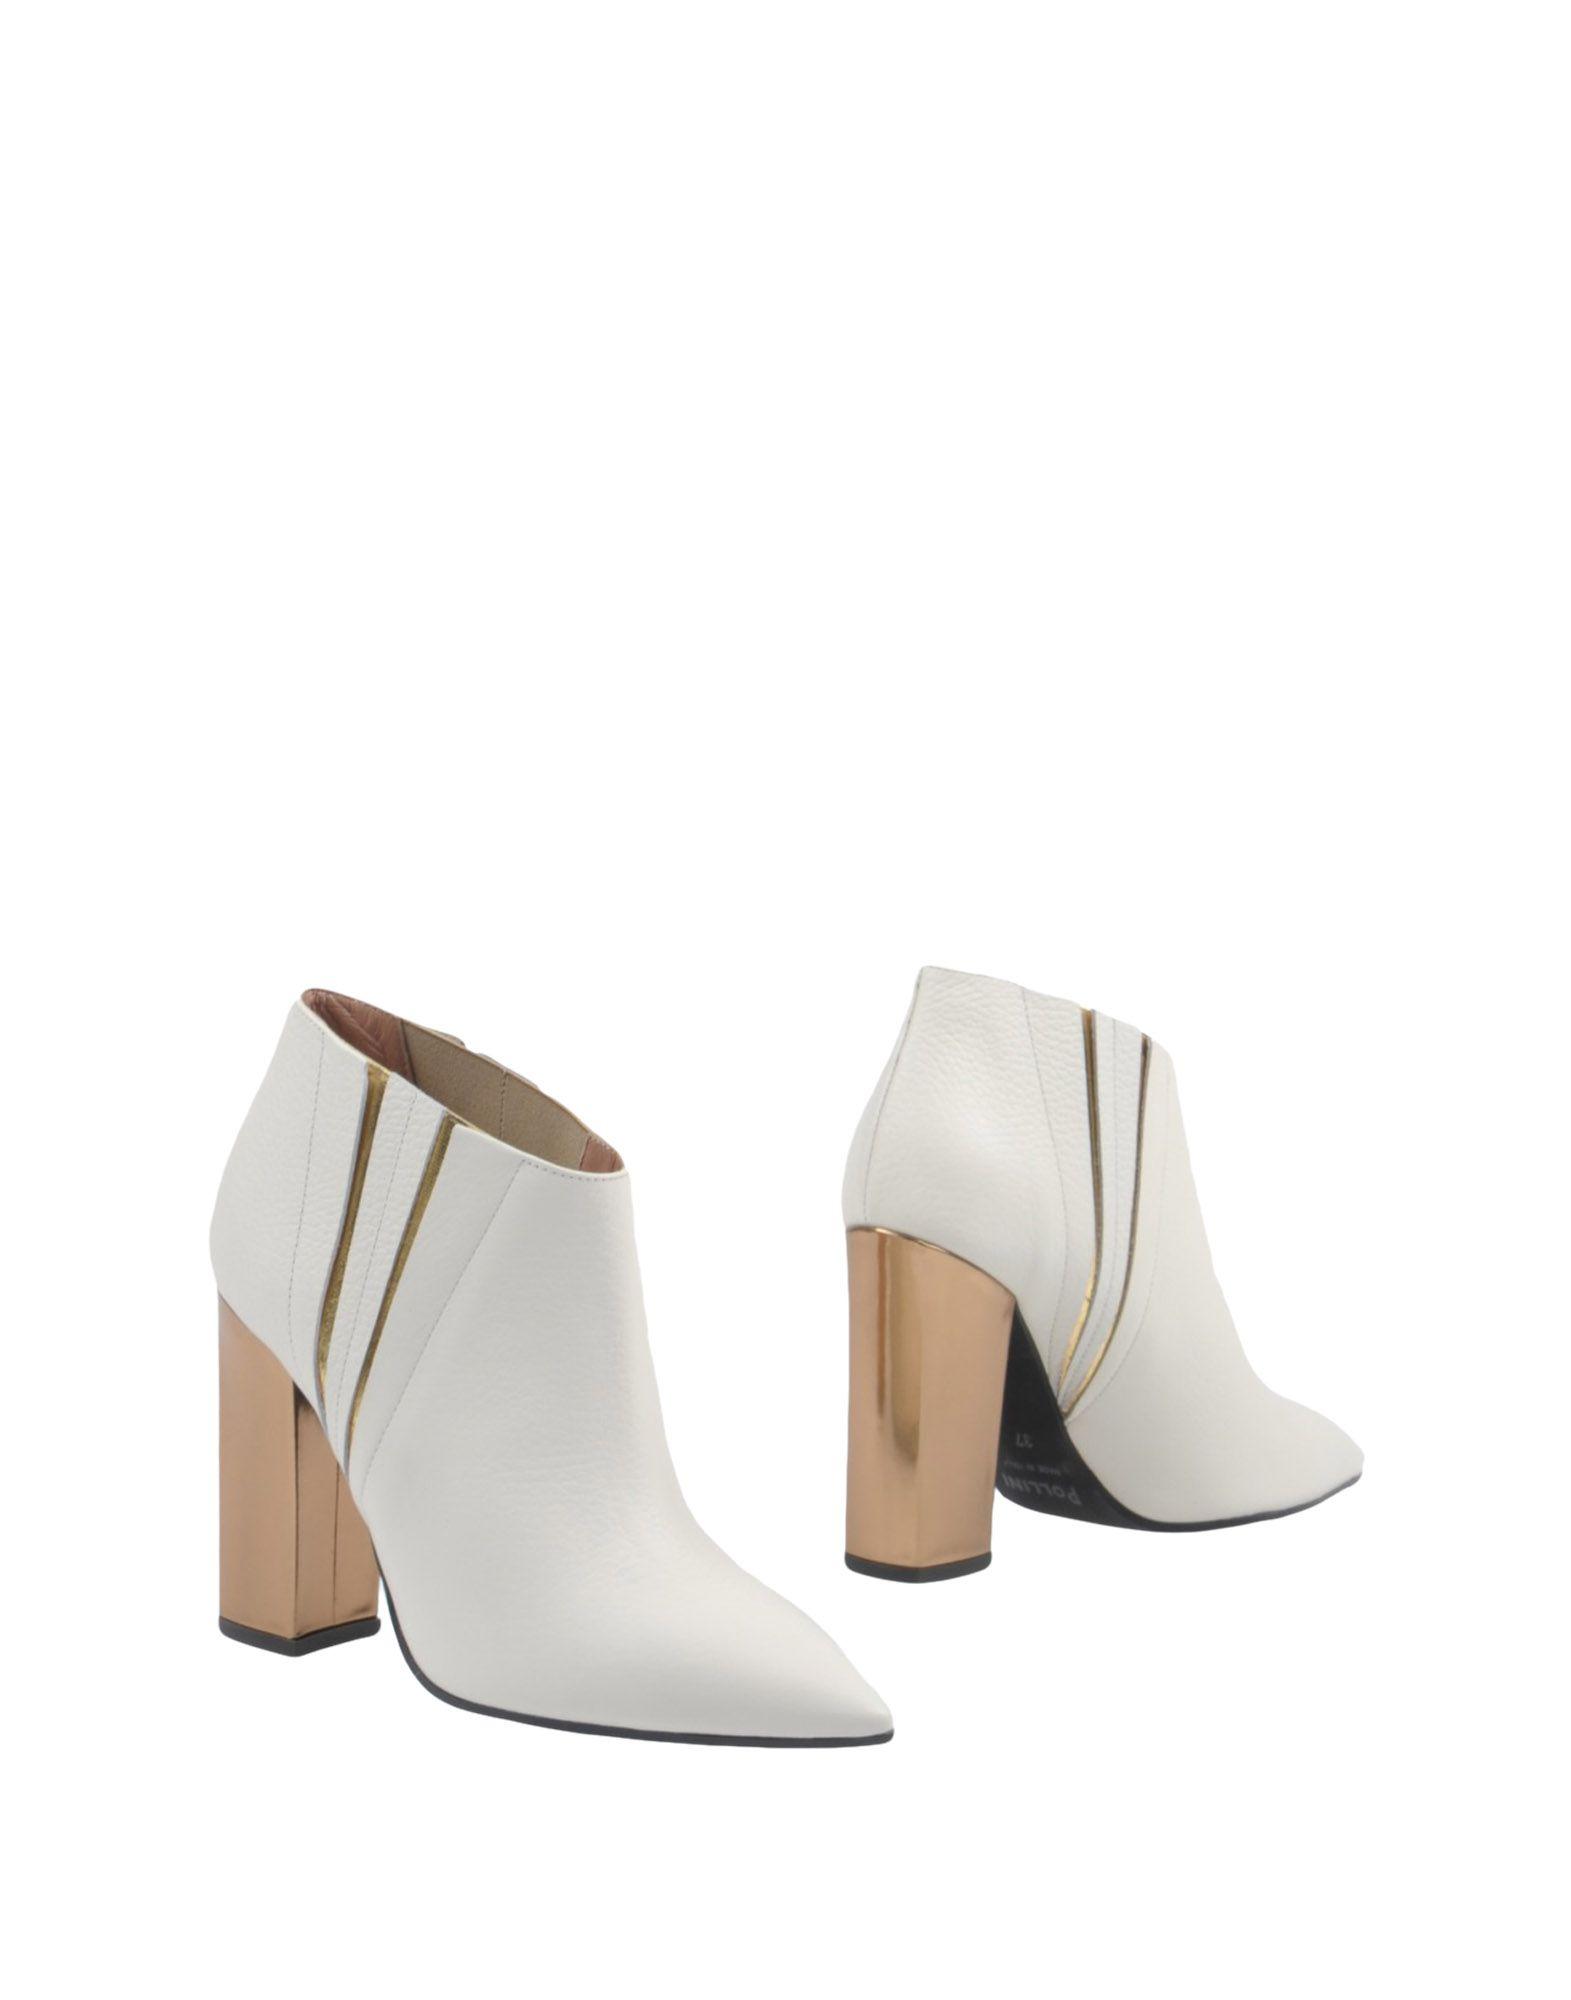 Pollini Stiefelette Damen  11446715GKGut aussehende strapazierfähige Schuhe